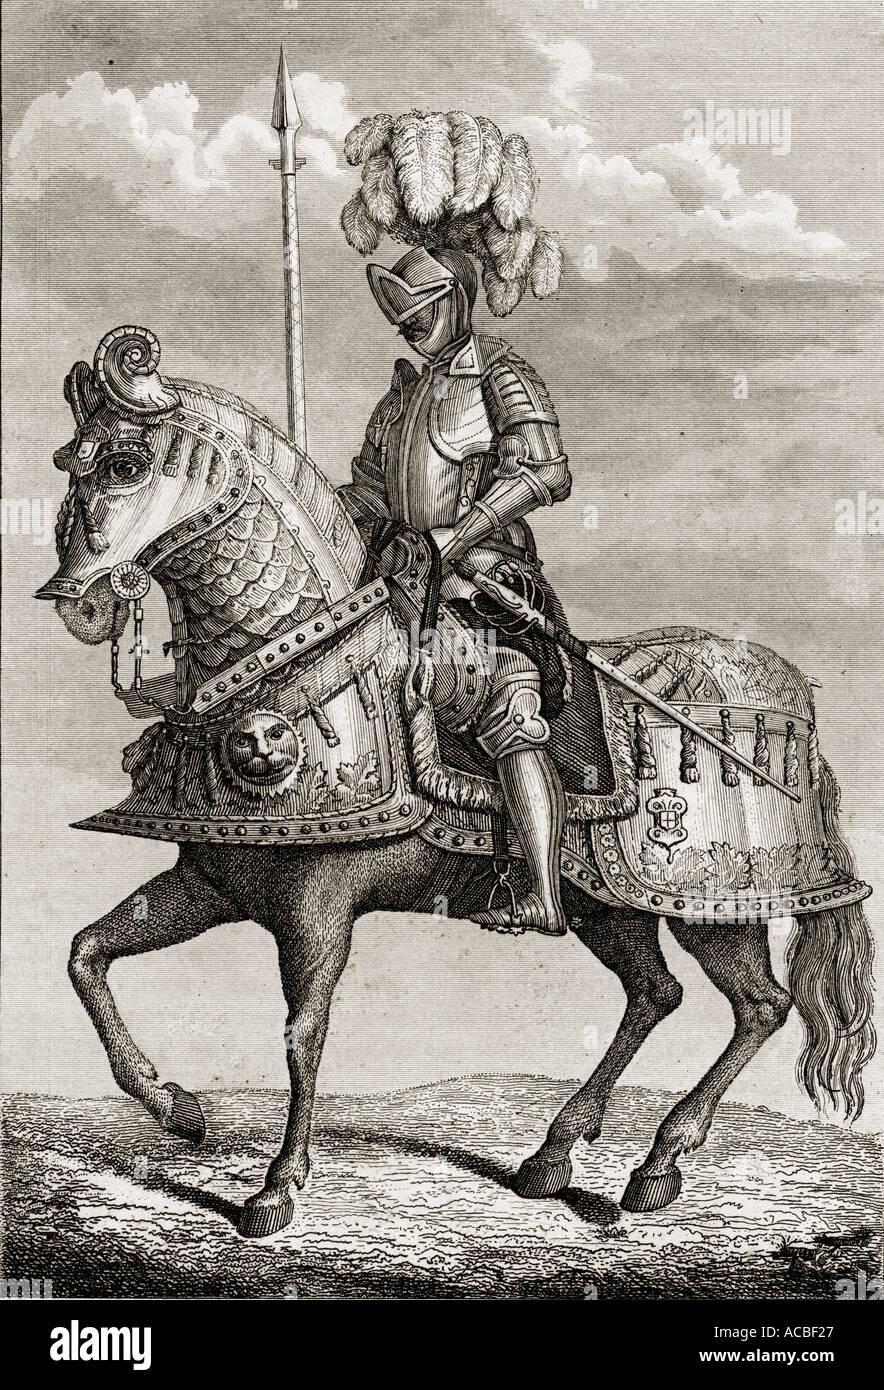 L'imperatore Carlo V la corazza conservati nell'Armeria Reale, Madrid, Spagna. Immagini Stock